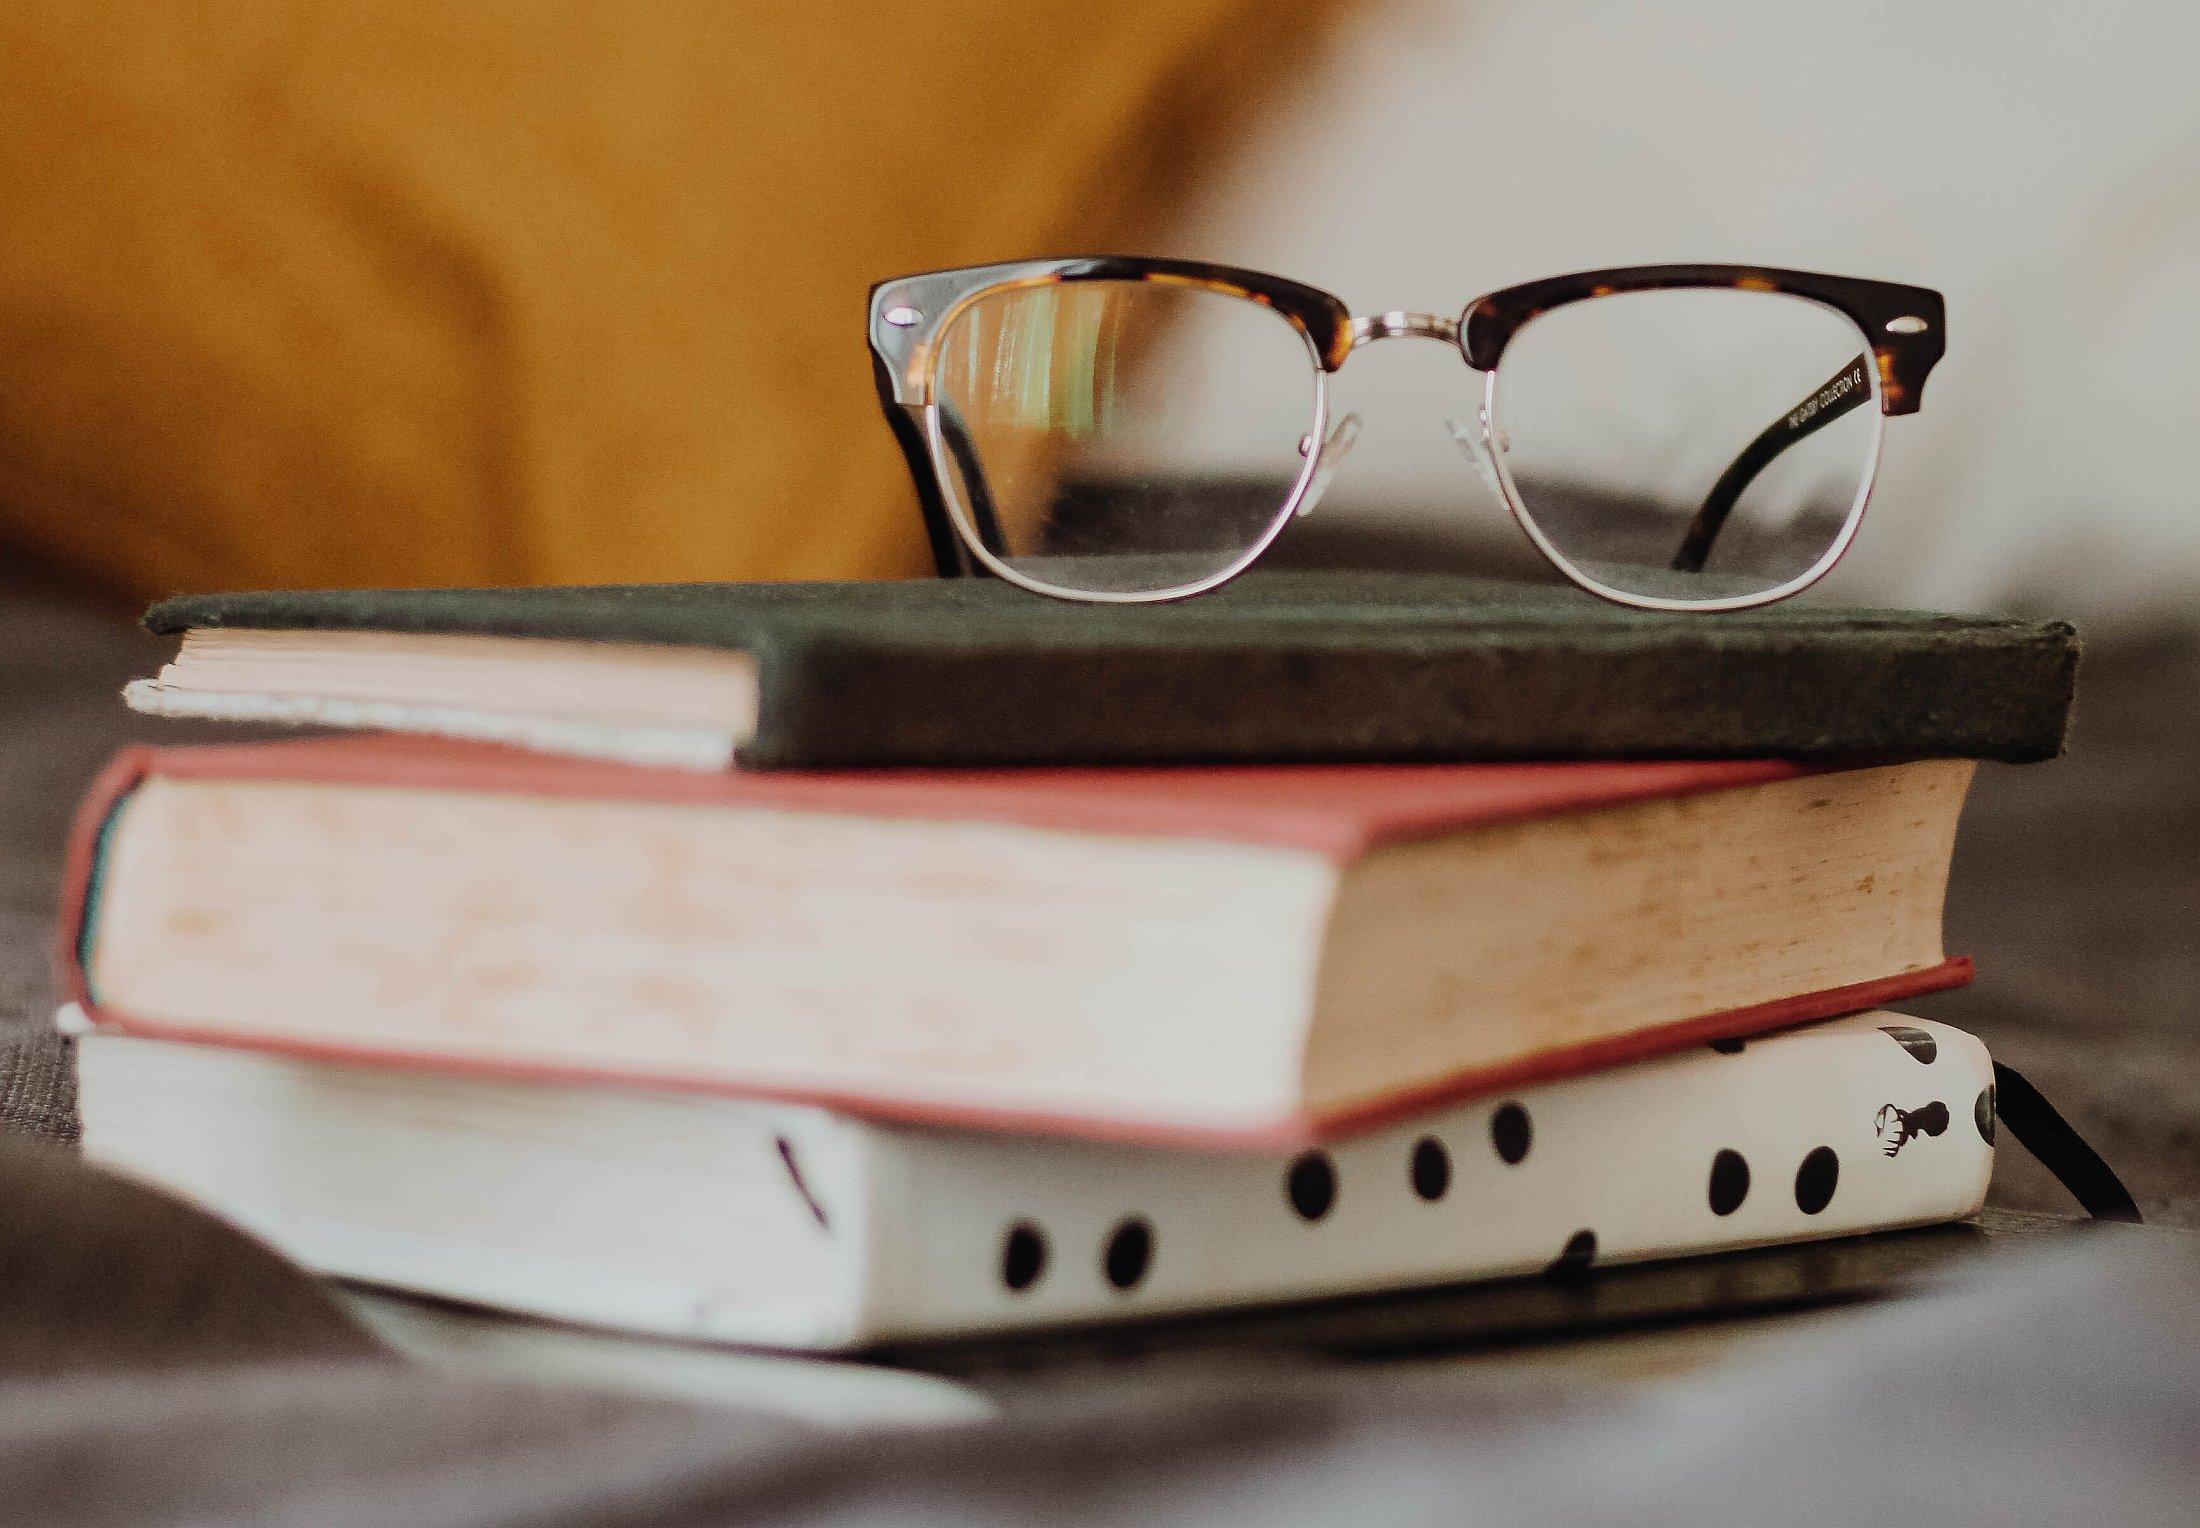 Ein kleiner Bücherstapel mit einer Brille